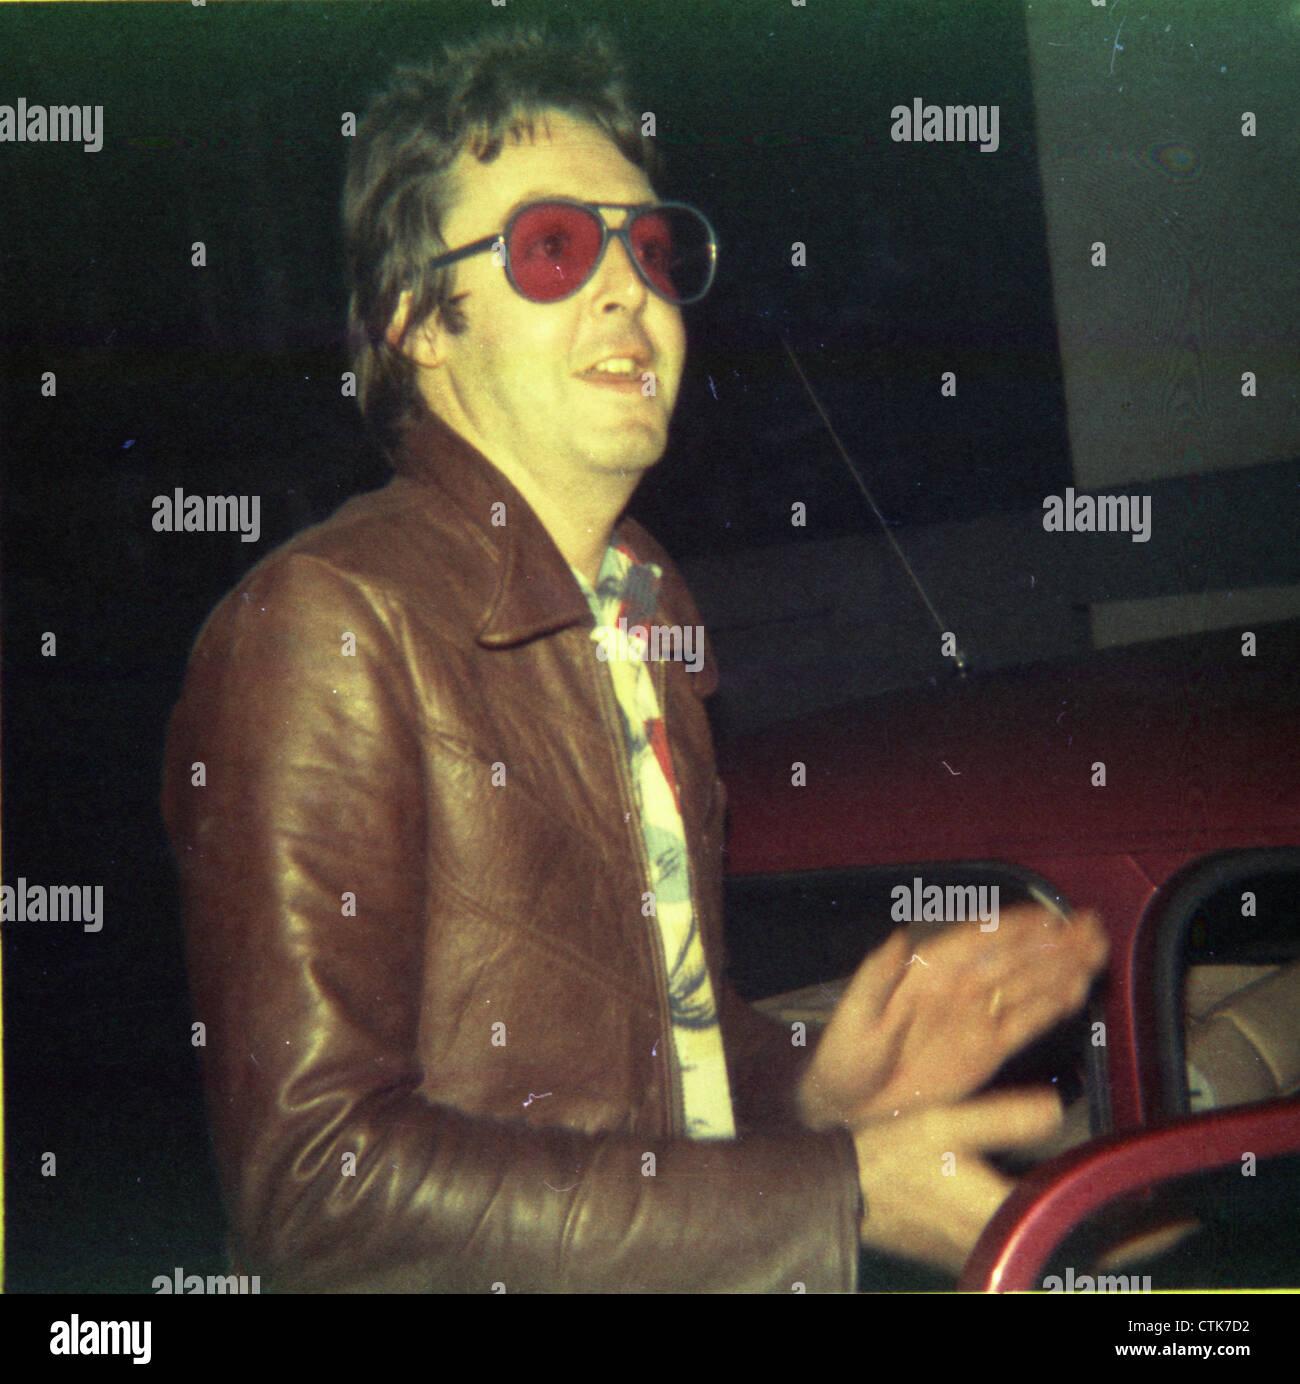 003851 - Paul McCartney outside Abbey Road Studios, London in 1975 - Stock Image